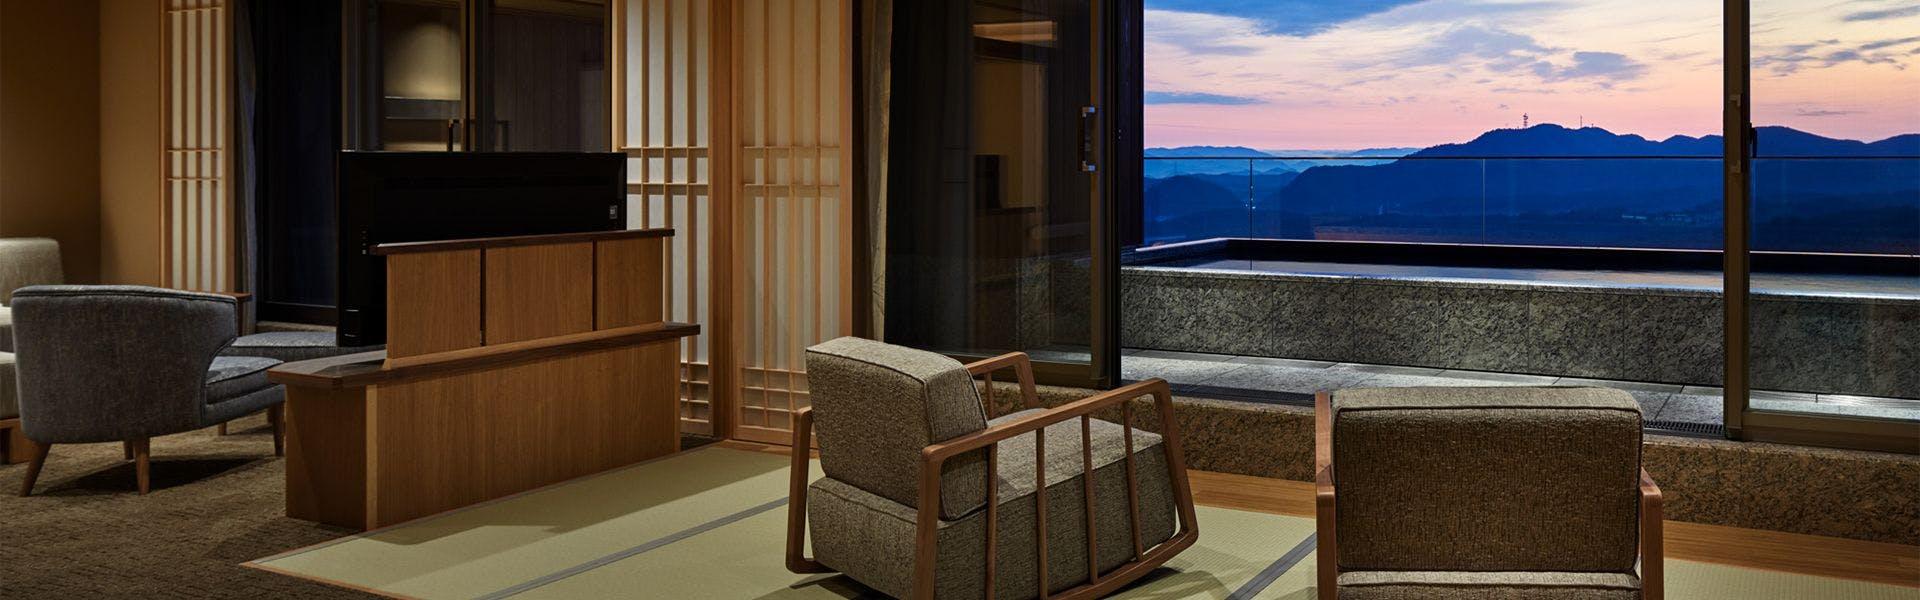 記念日におすすめのホテル・有馬グランドホテルの写真3